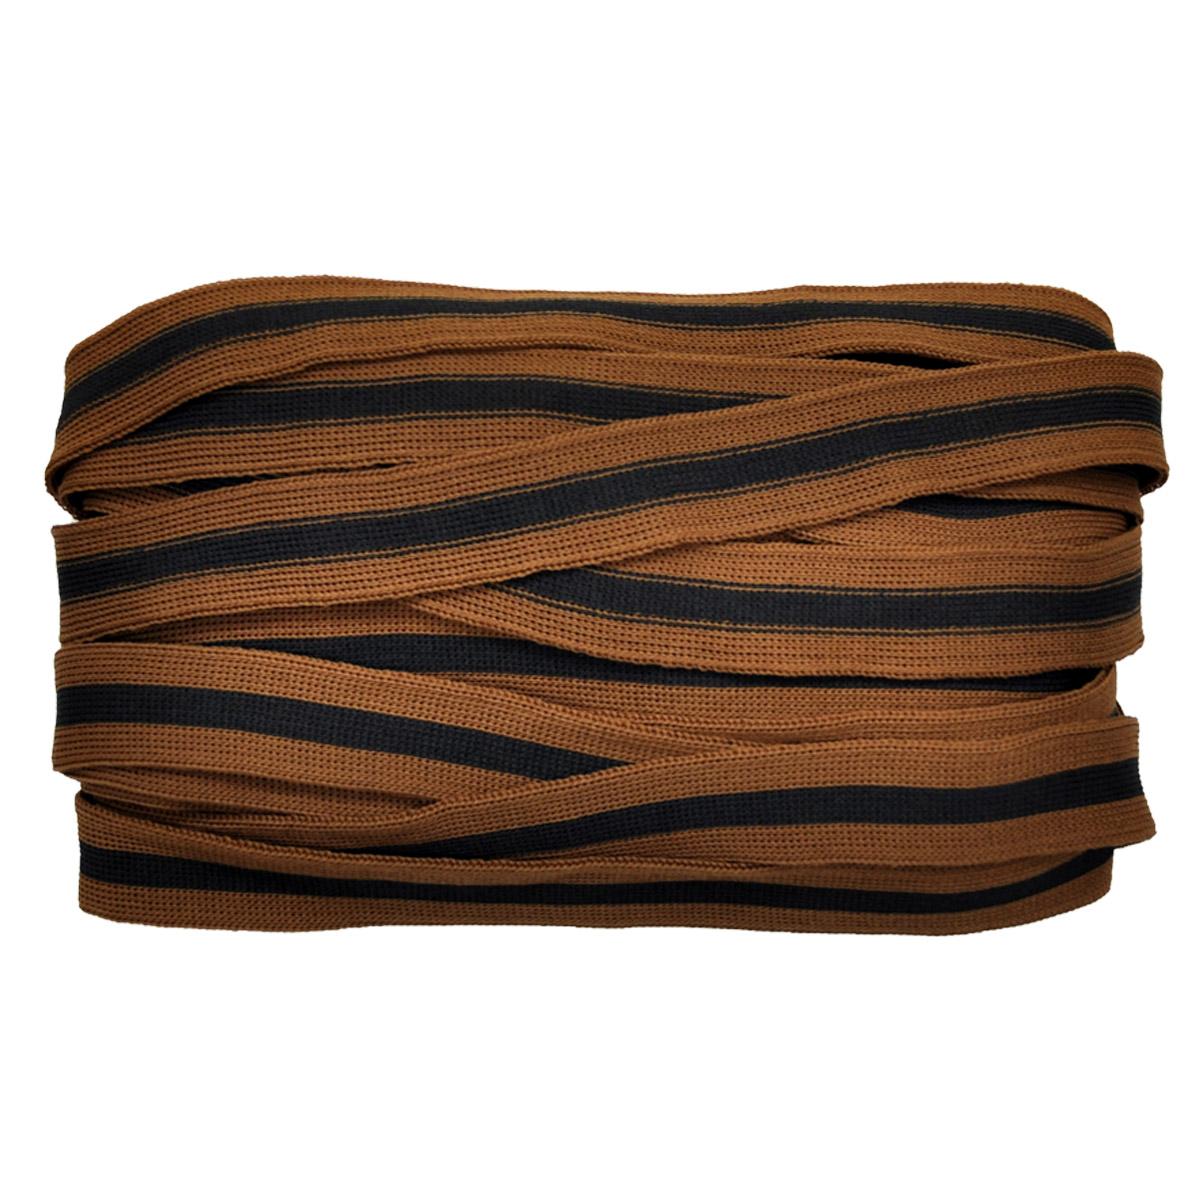 Лента лампасная №119 коричневый/черная полоса 2см уп*10м, 2135001356240